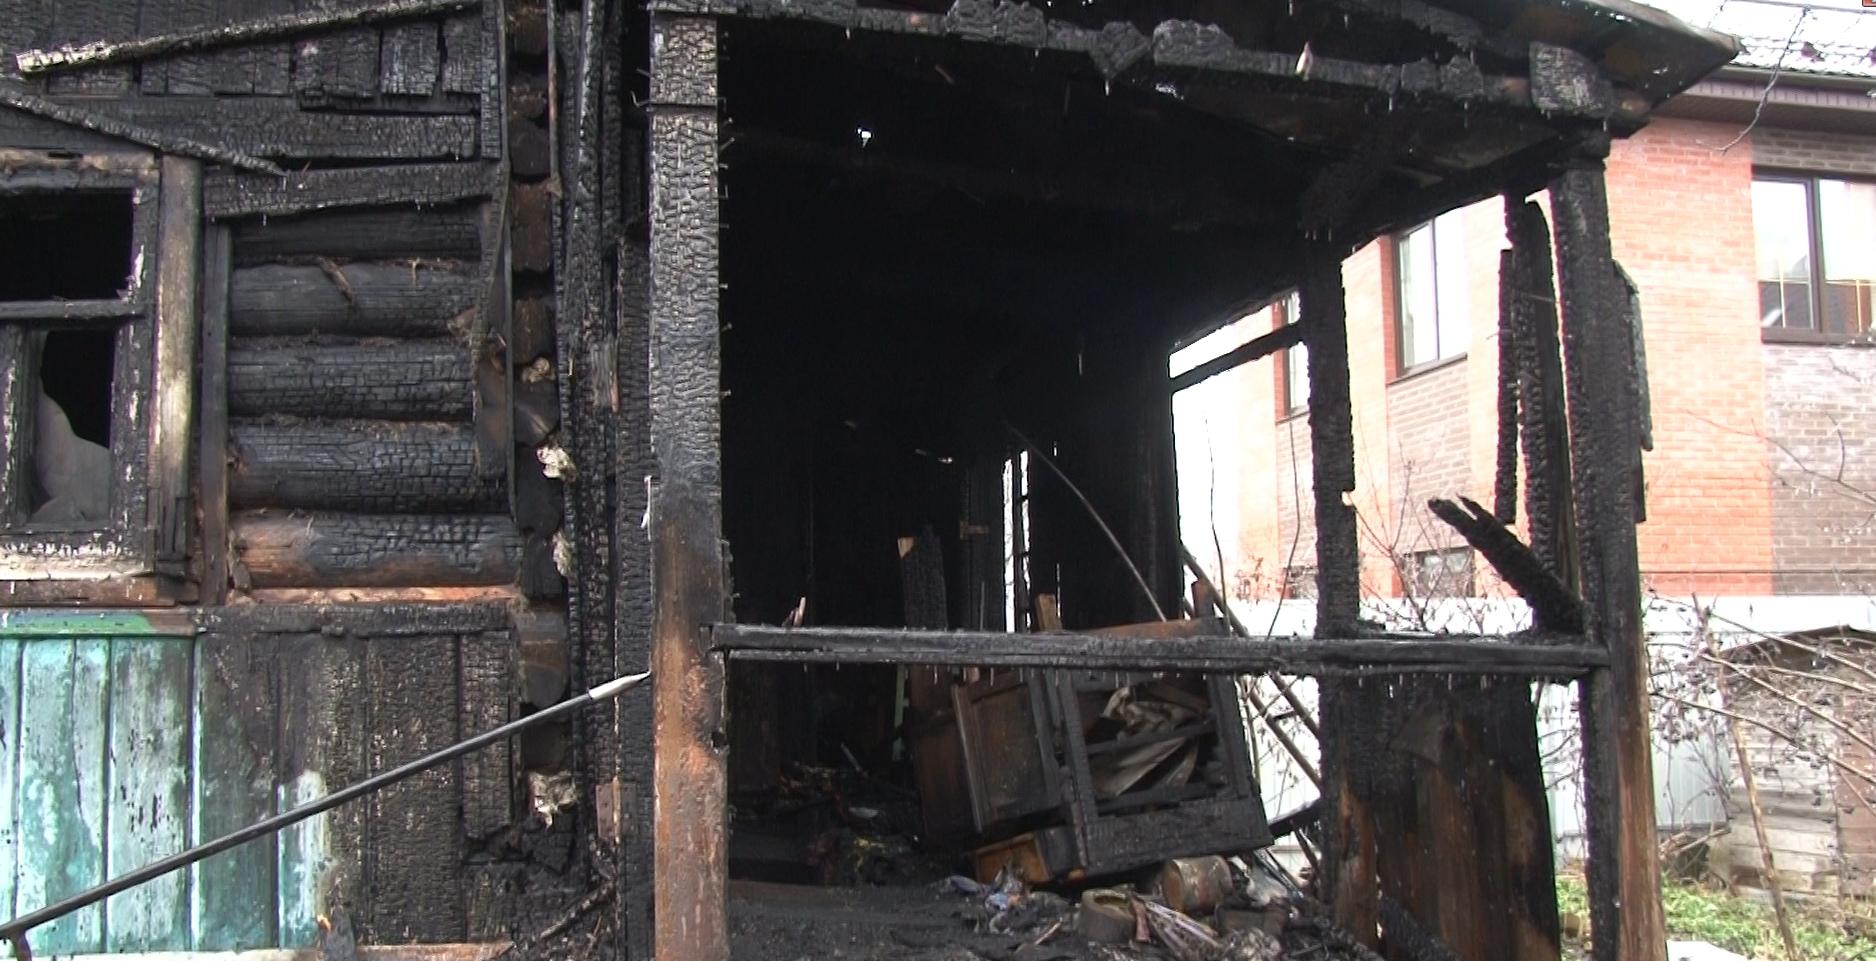 Пожар с 2 погибшими в Туле: следователи начали проверку